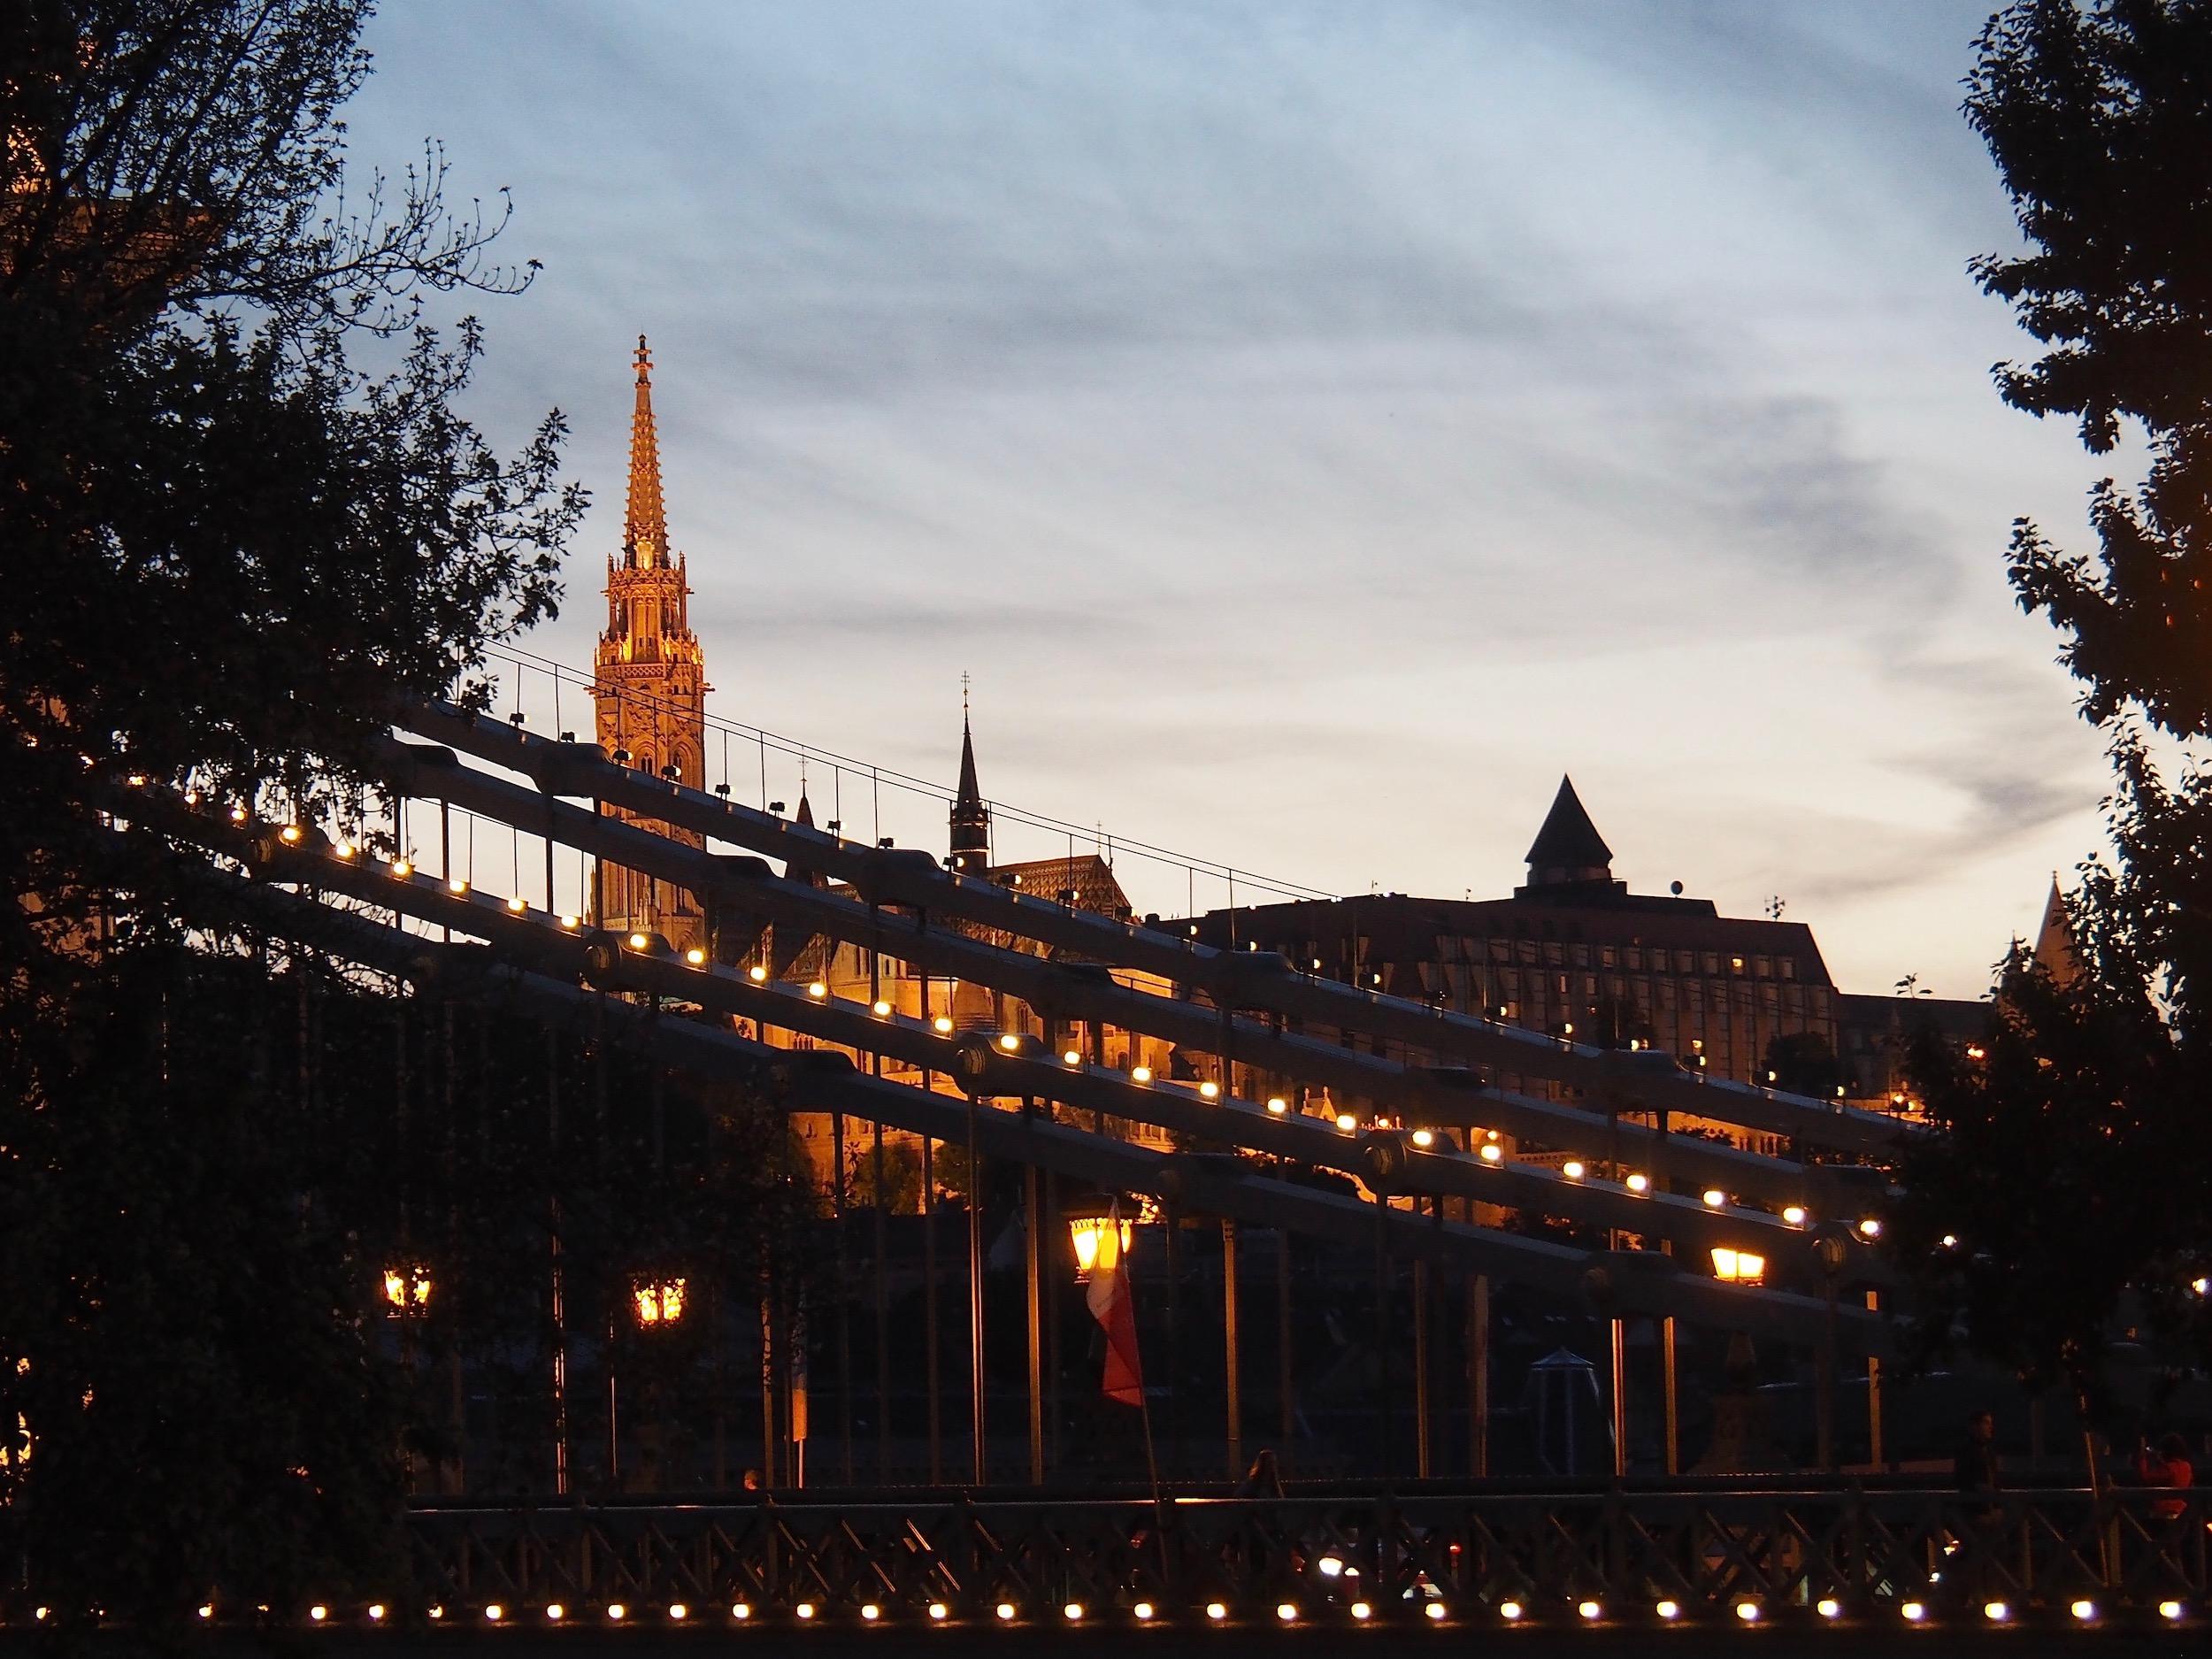 Visite de Budapest en famille, itinéraire sur 5 jours - Bord du Danube - Pont des Chaînes de nuit